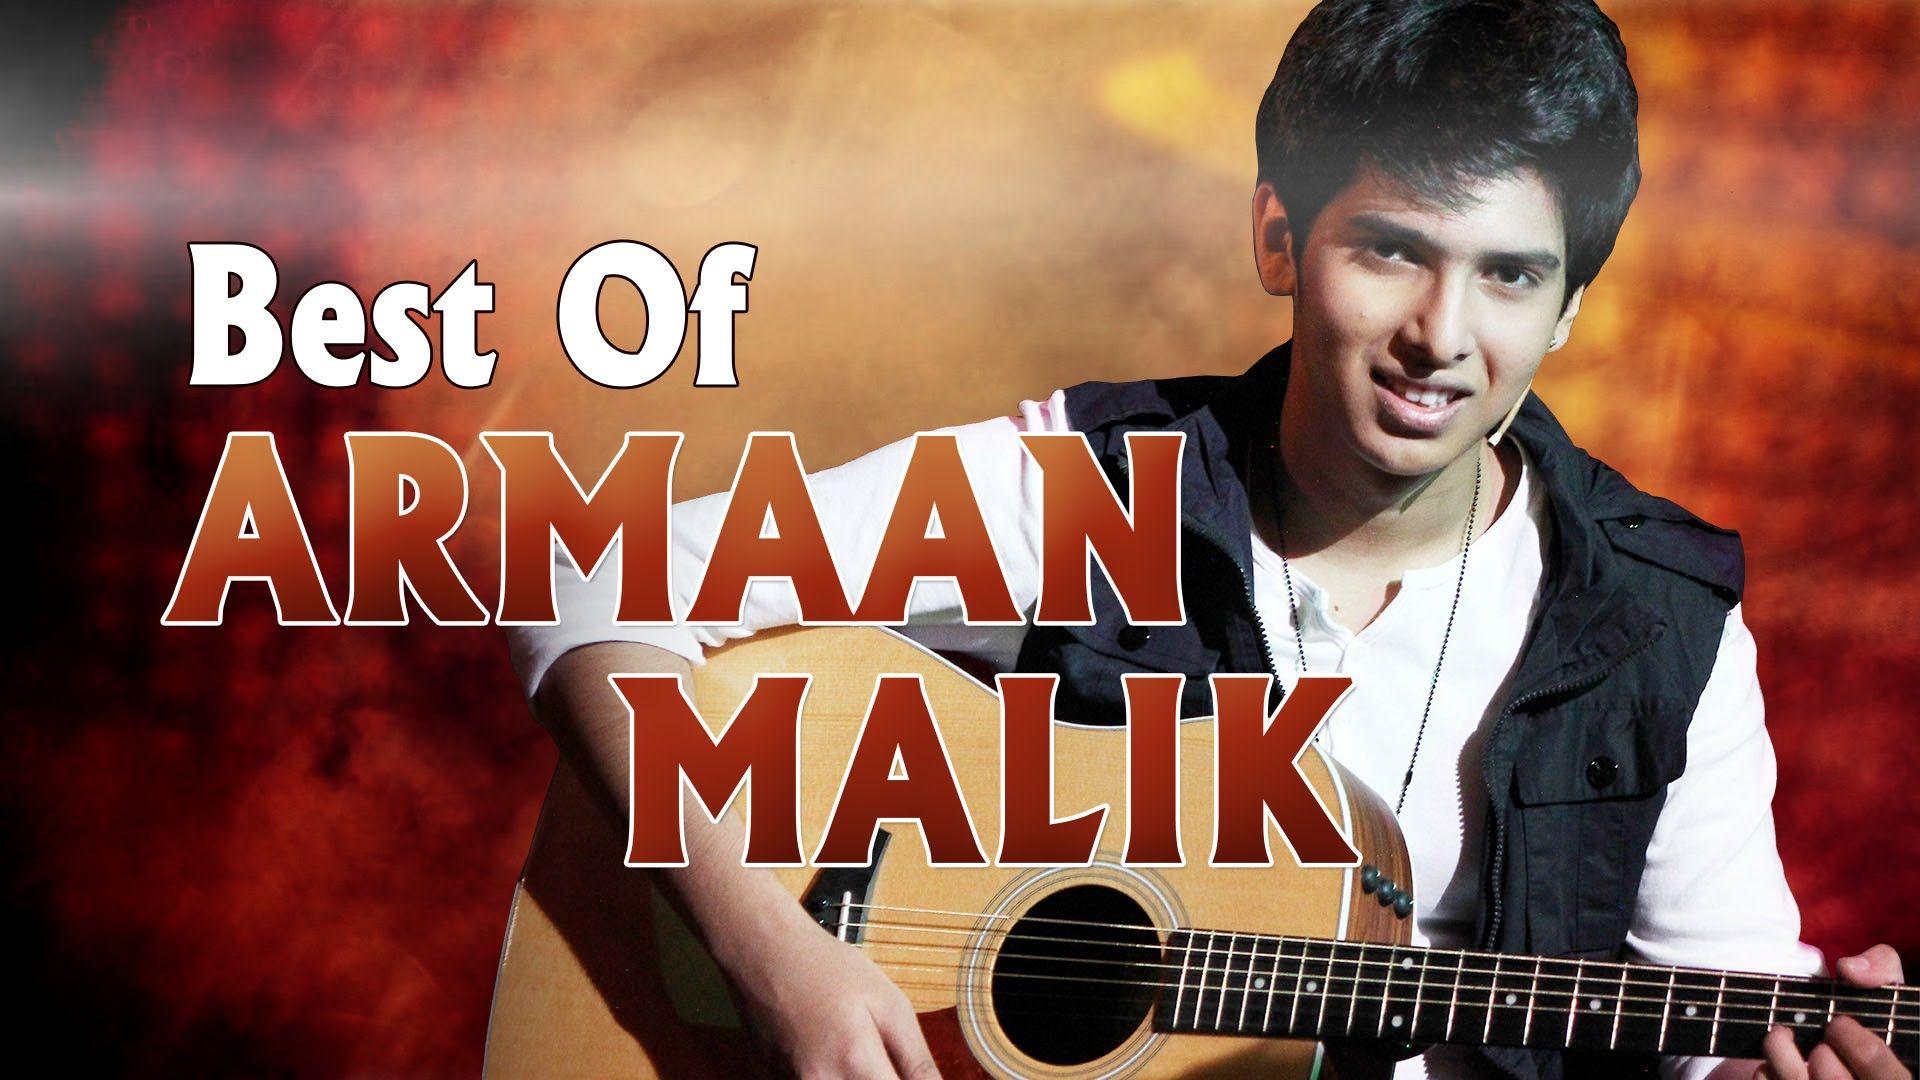 Best of ARMAAN MALIK SONGS (Latest Jukebox ) | T-Series | Songs of